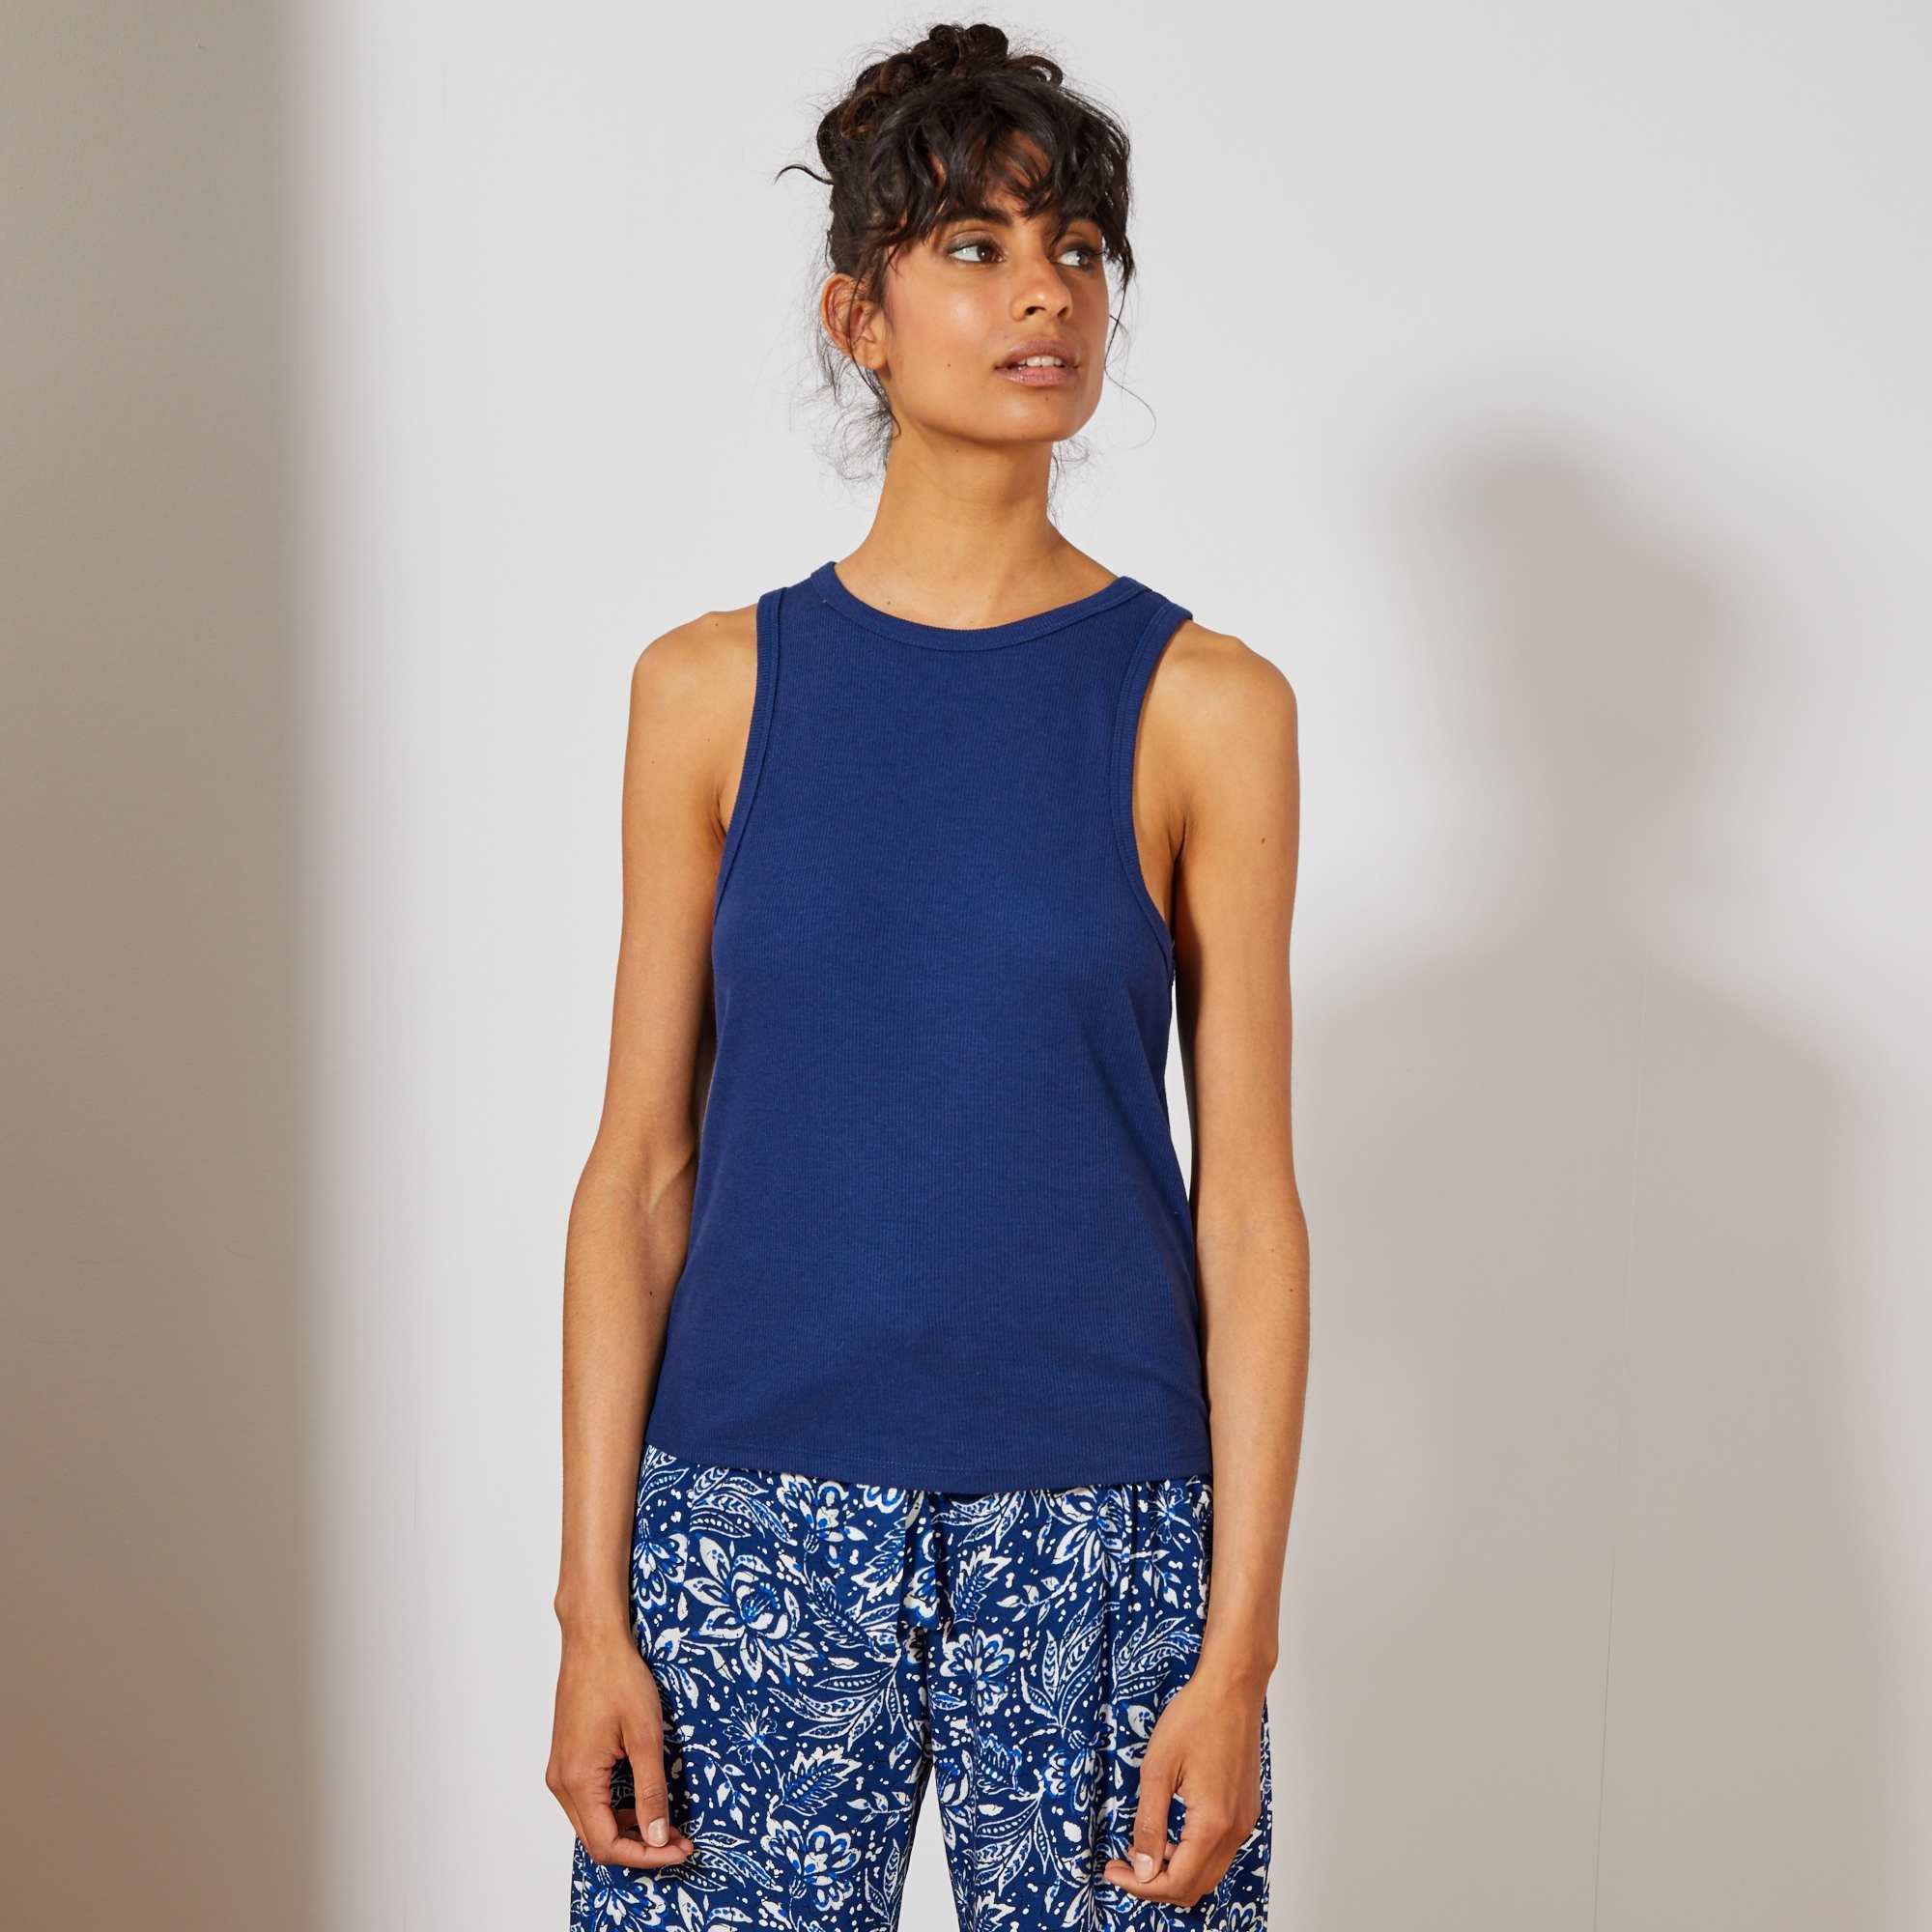 6502bbd31 Camiseta sin mangas de punto de canalé Mujer talla 34 a 48 - azul ...